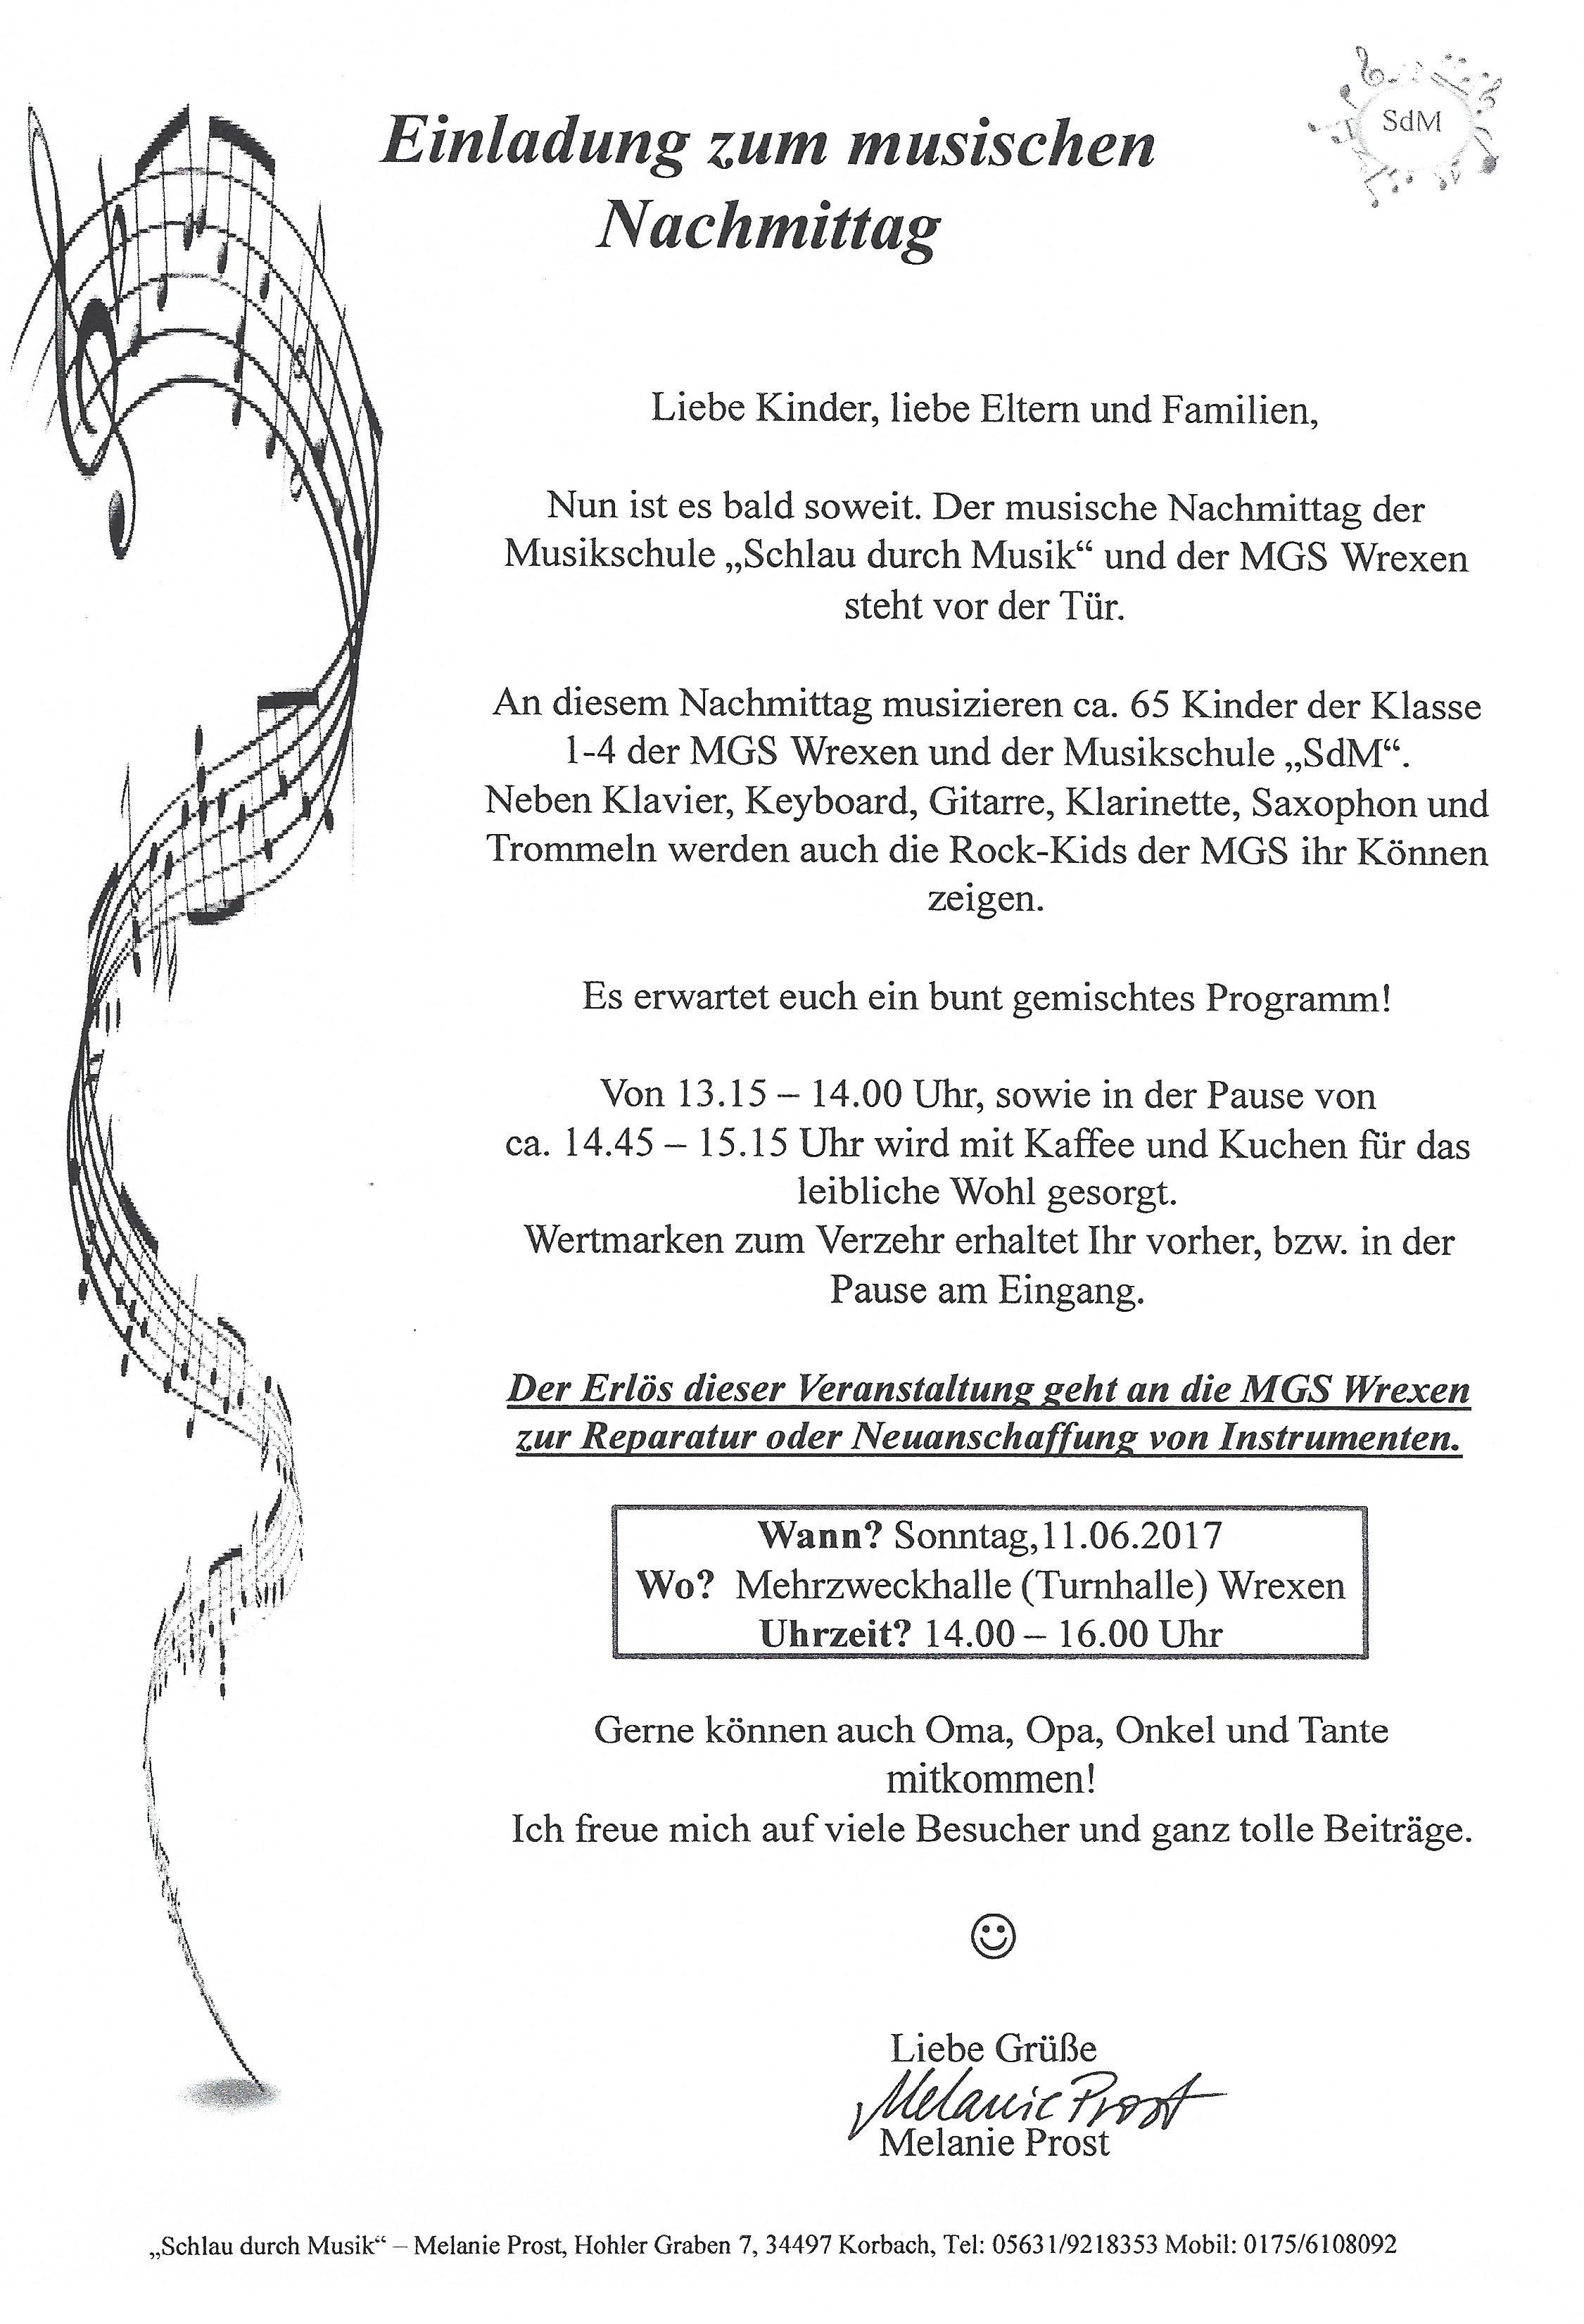 17 06 11 Einladung Musischer Sonntag 2017